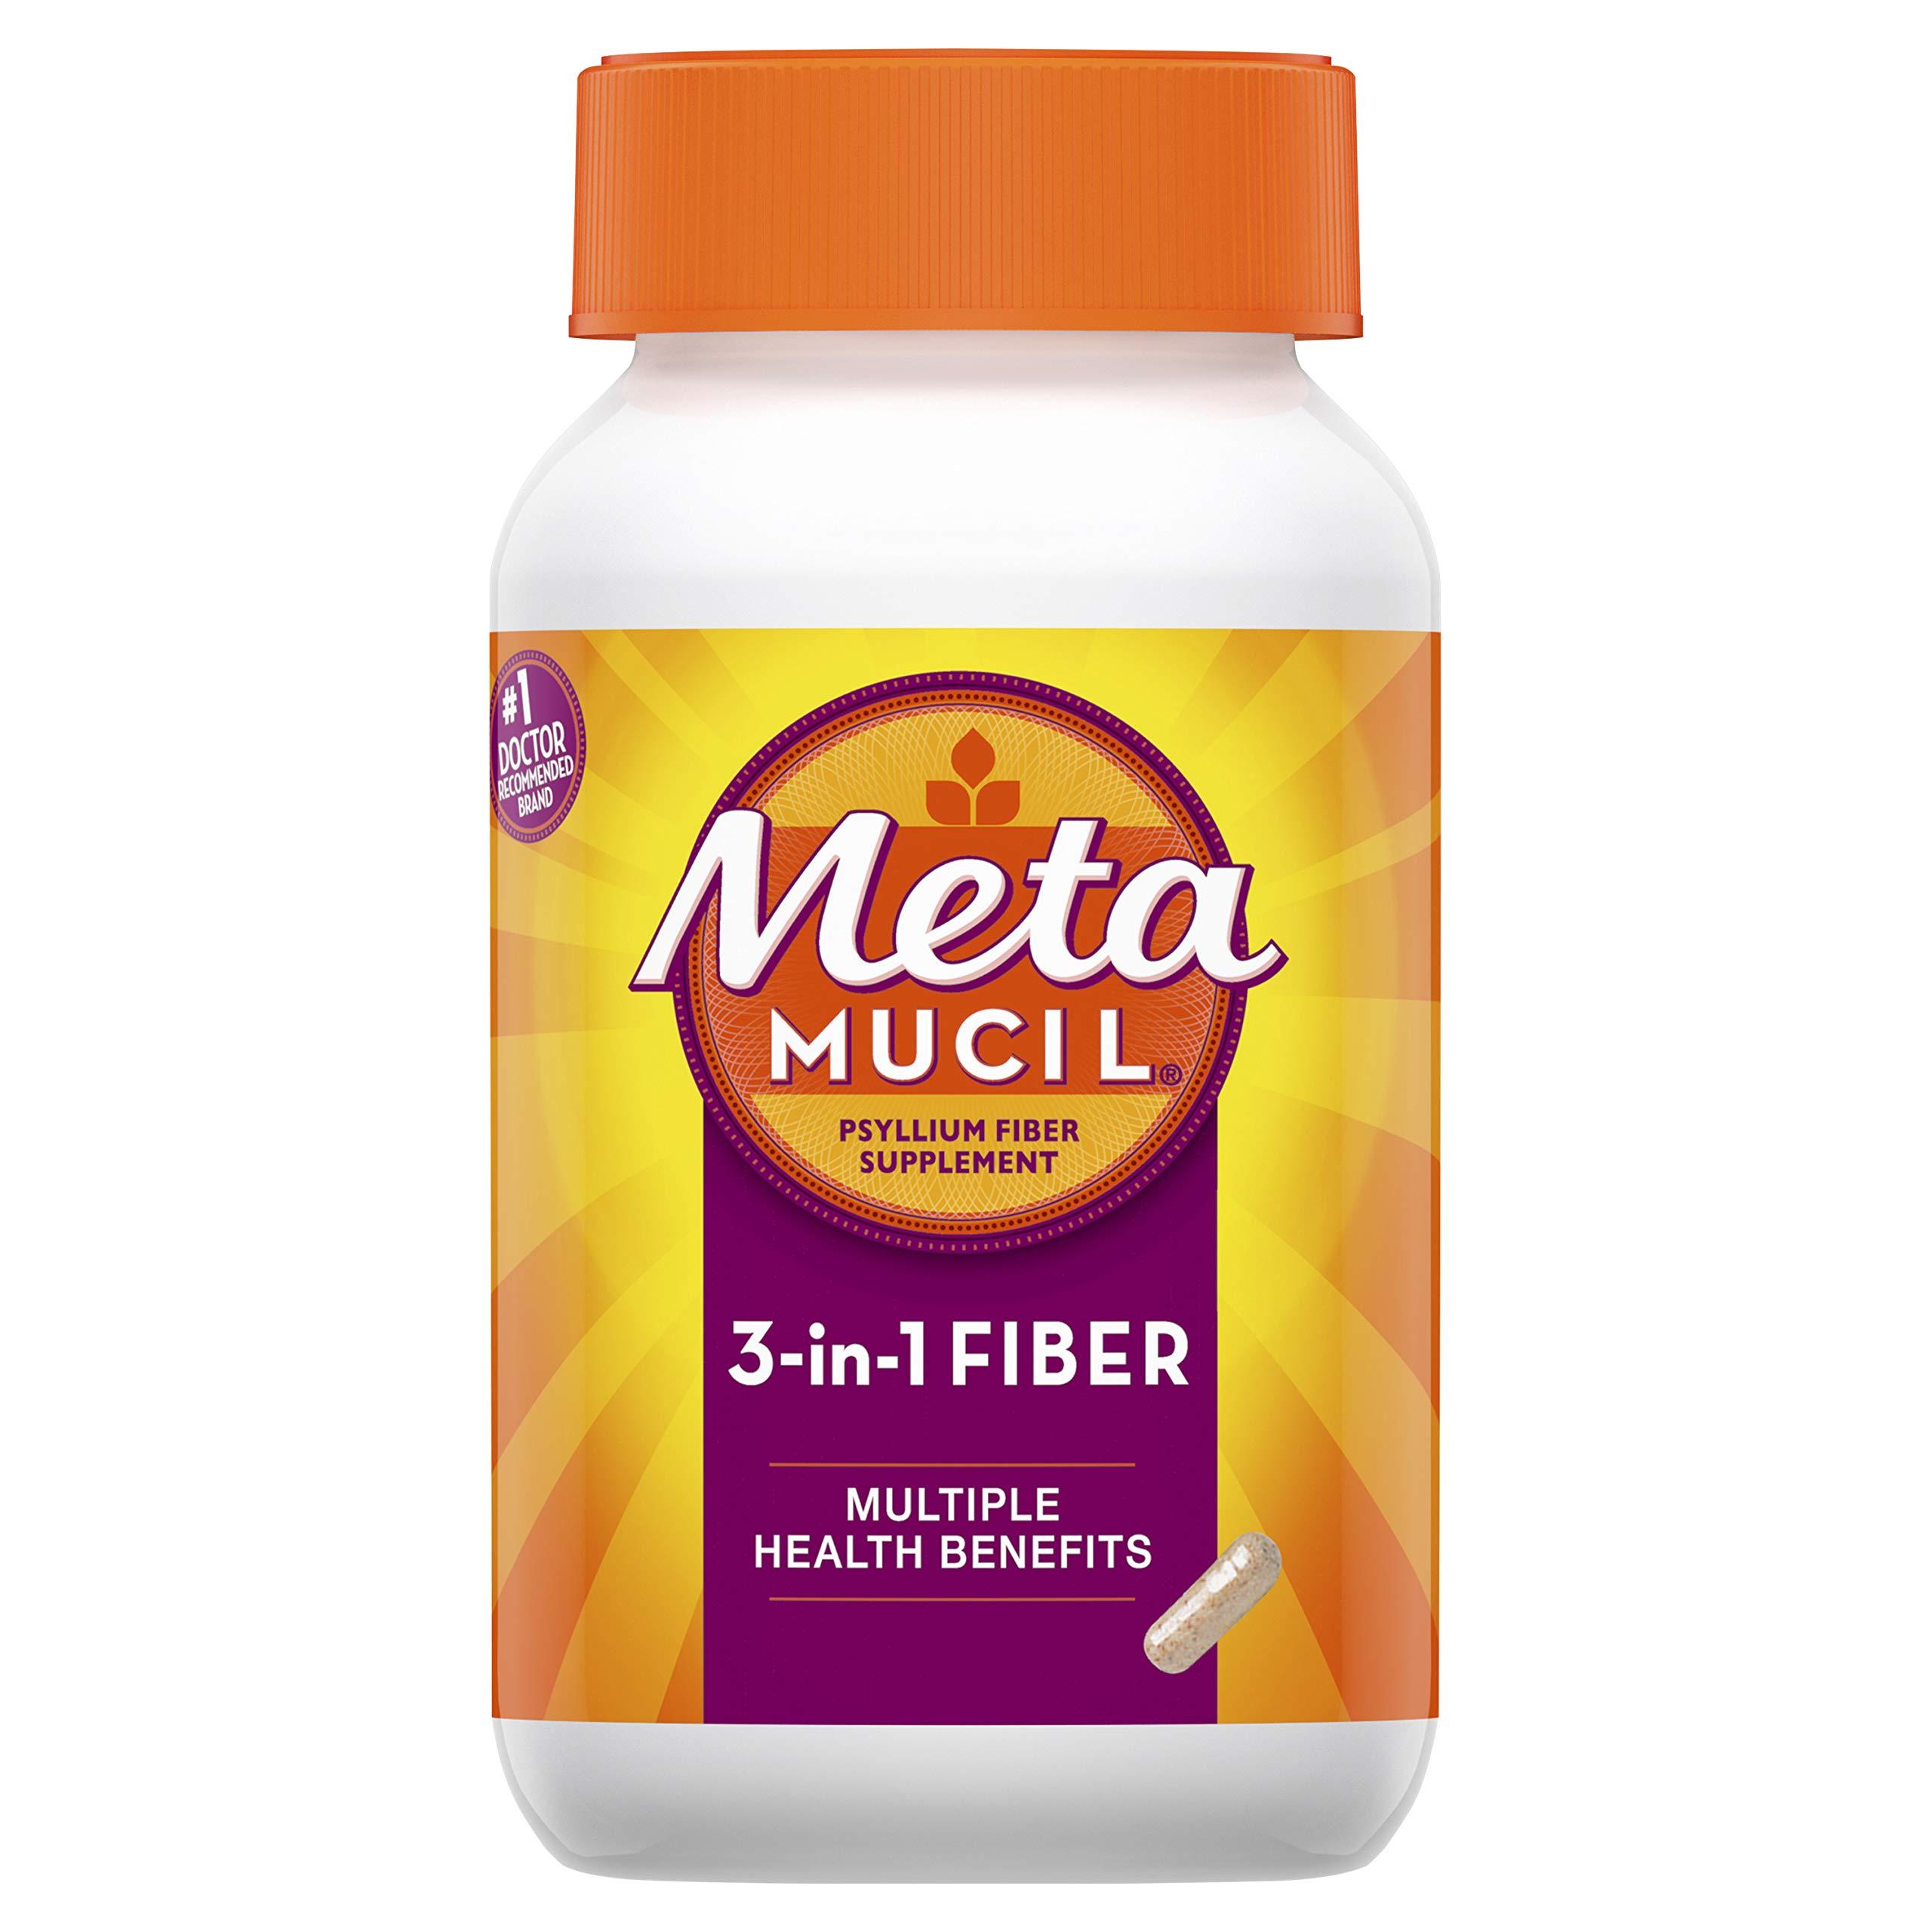 Metamucil Fiber, 3-in-1 Psyllium Capsule Fiber Supplement, 160 ct Capsules (Packaging May Vary) by Metamucil